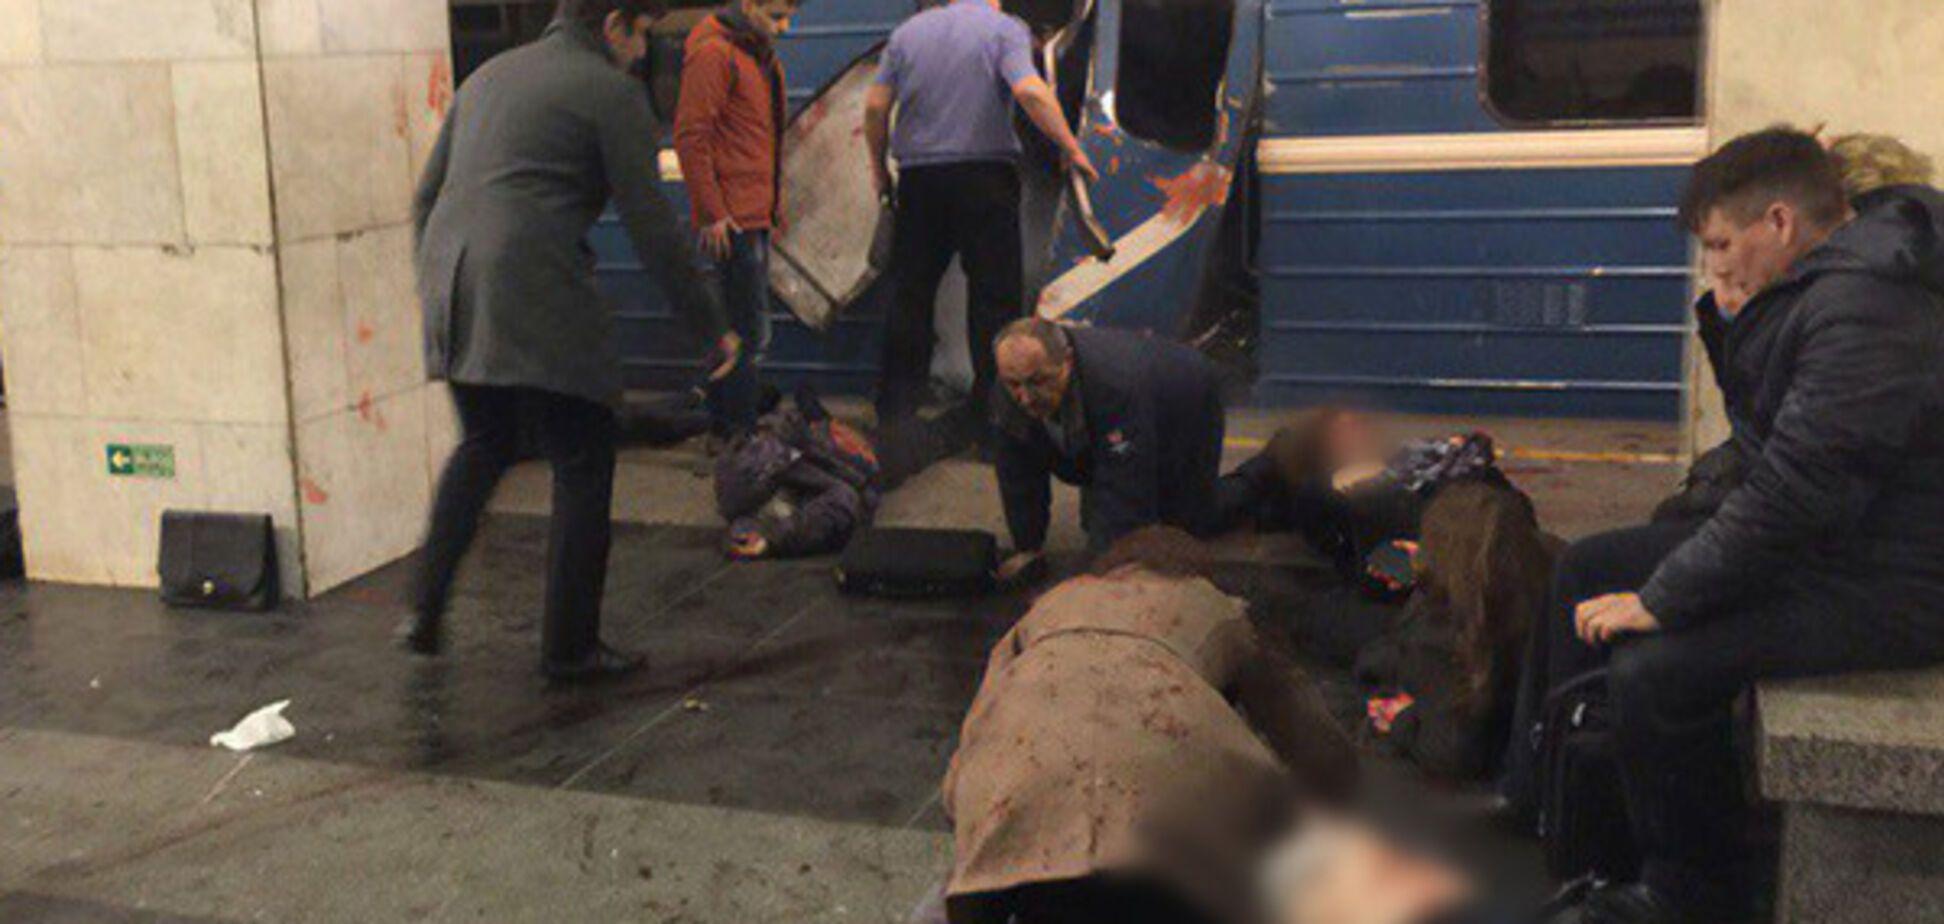 вибух у метро Санкт-Петербурга